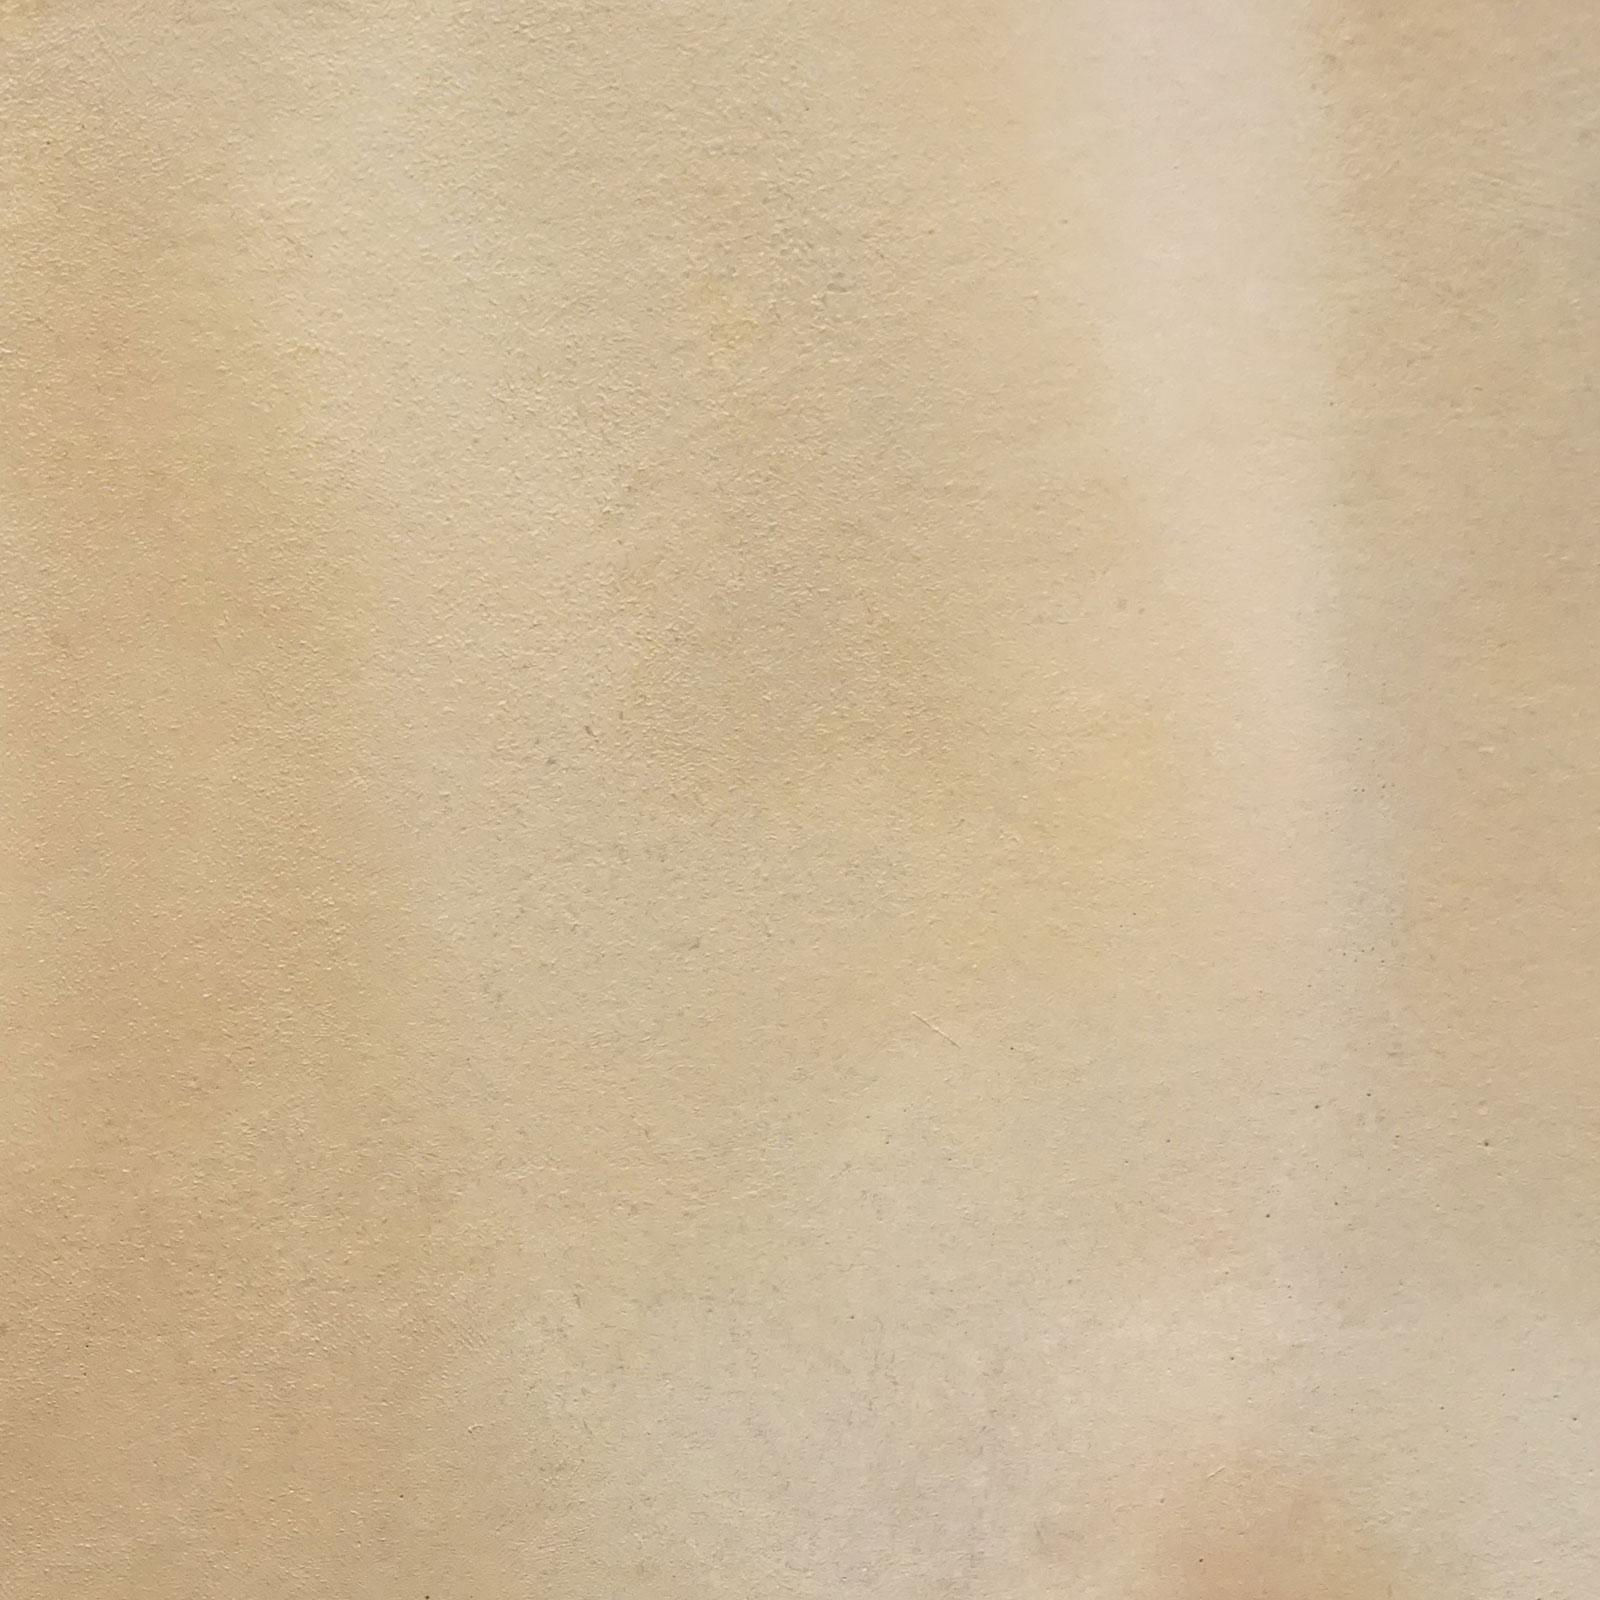 Schilderen van huid - Mooie zachte overgangen door te verdassen.